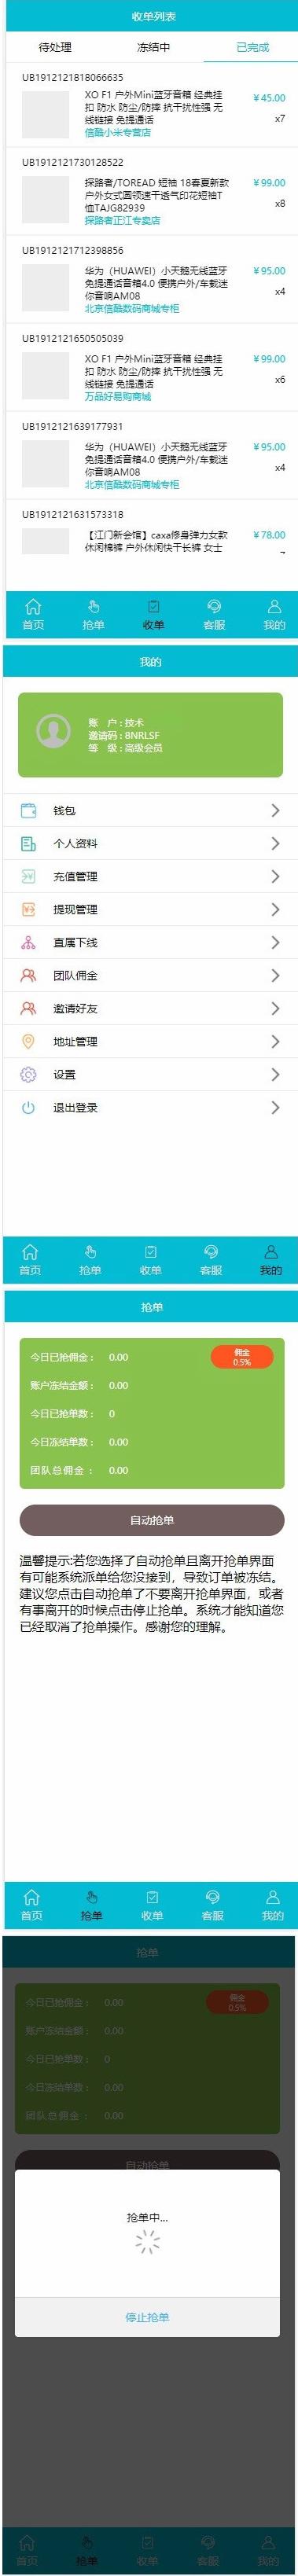 【商城抢单系统1.0 】Thinkphp商品自动抢单任务源码 内附安装说明-找主题源码